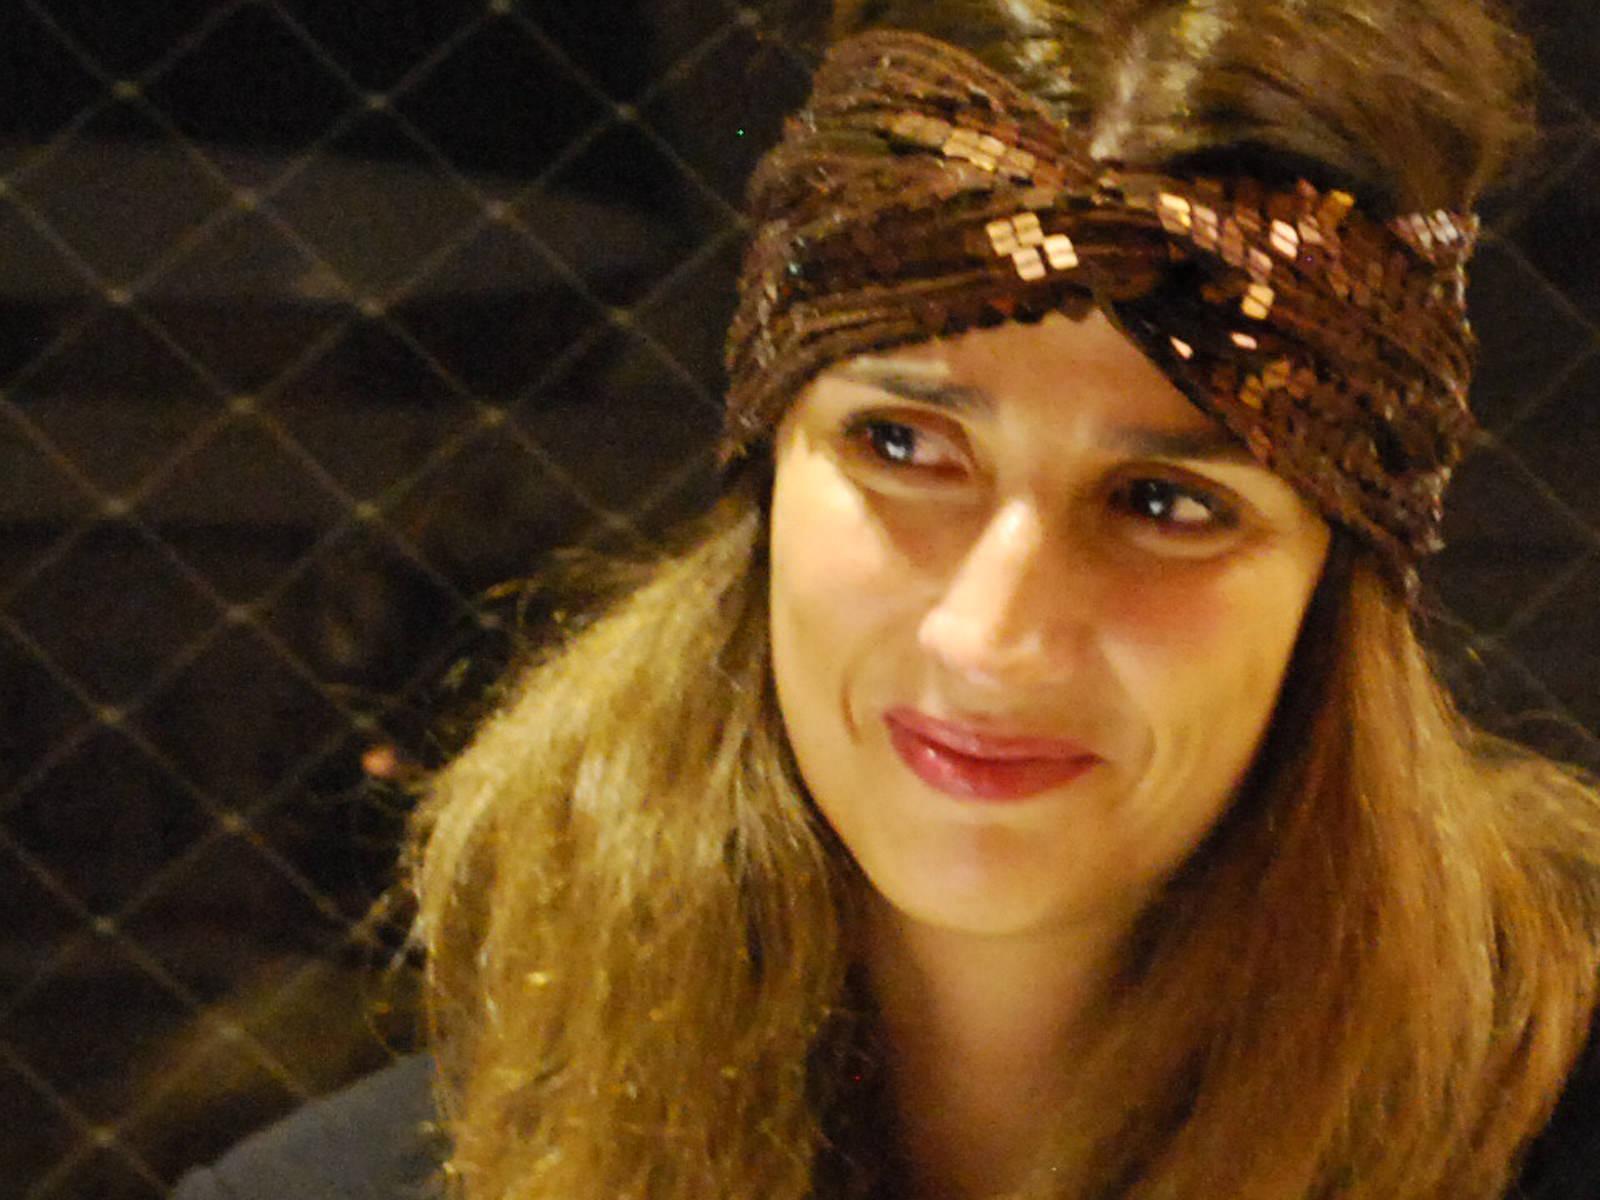 Andrea Amoretti